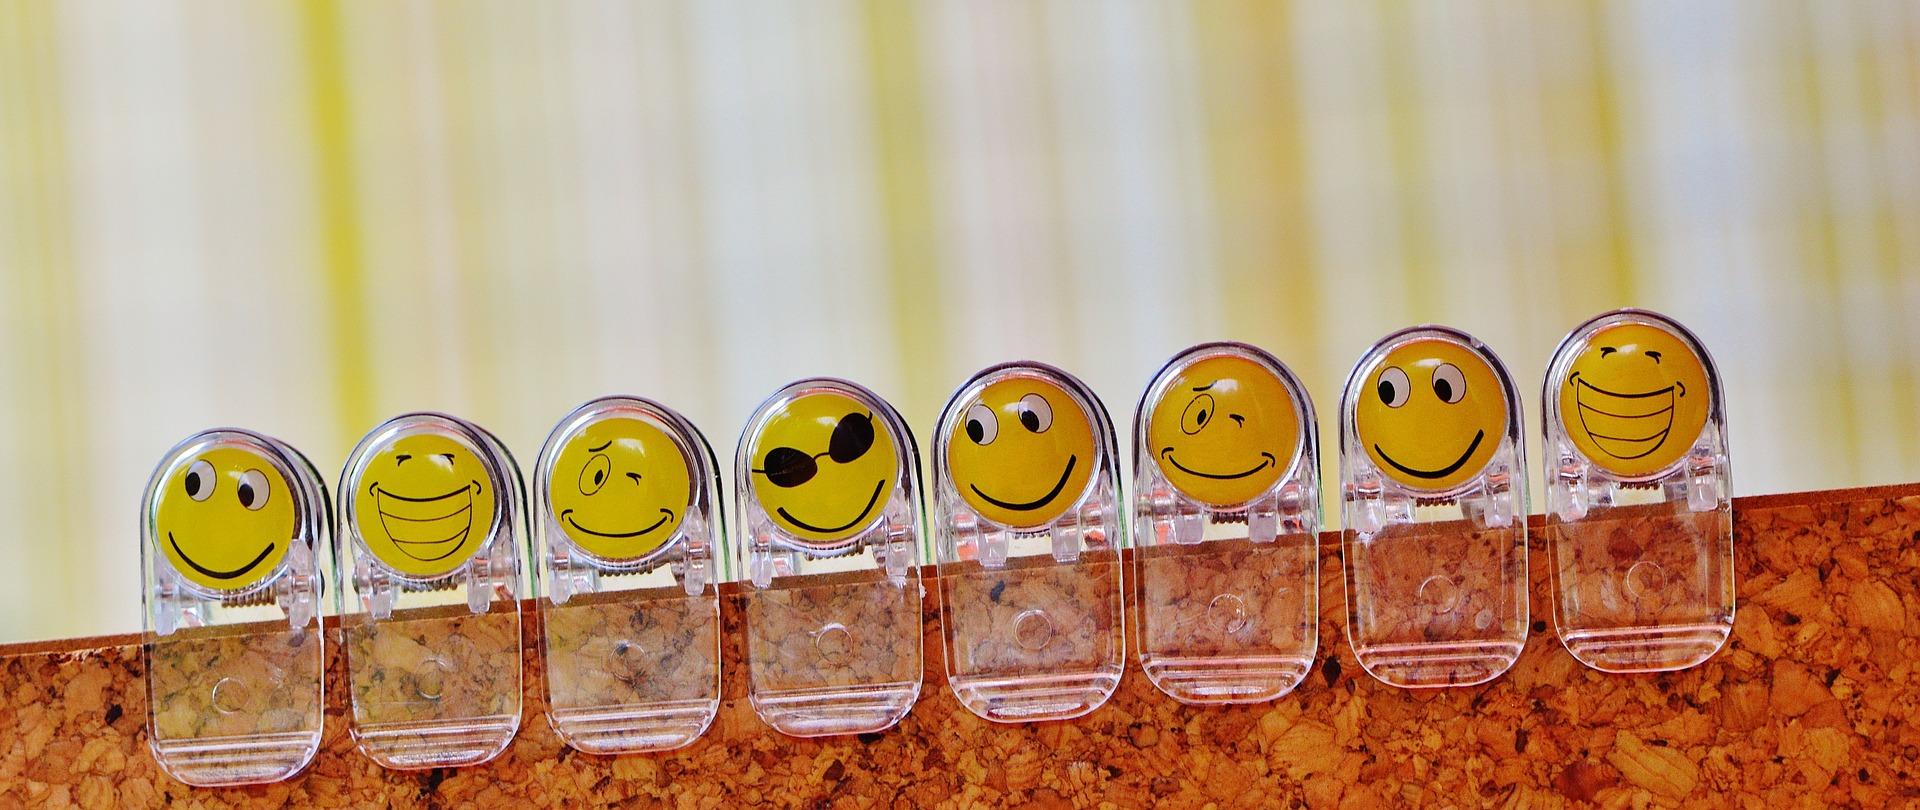 Емоції ваших співробітників розкриють їхню справжню мотивацію